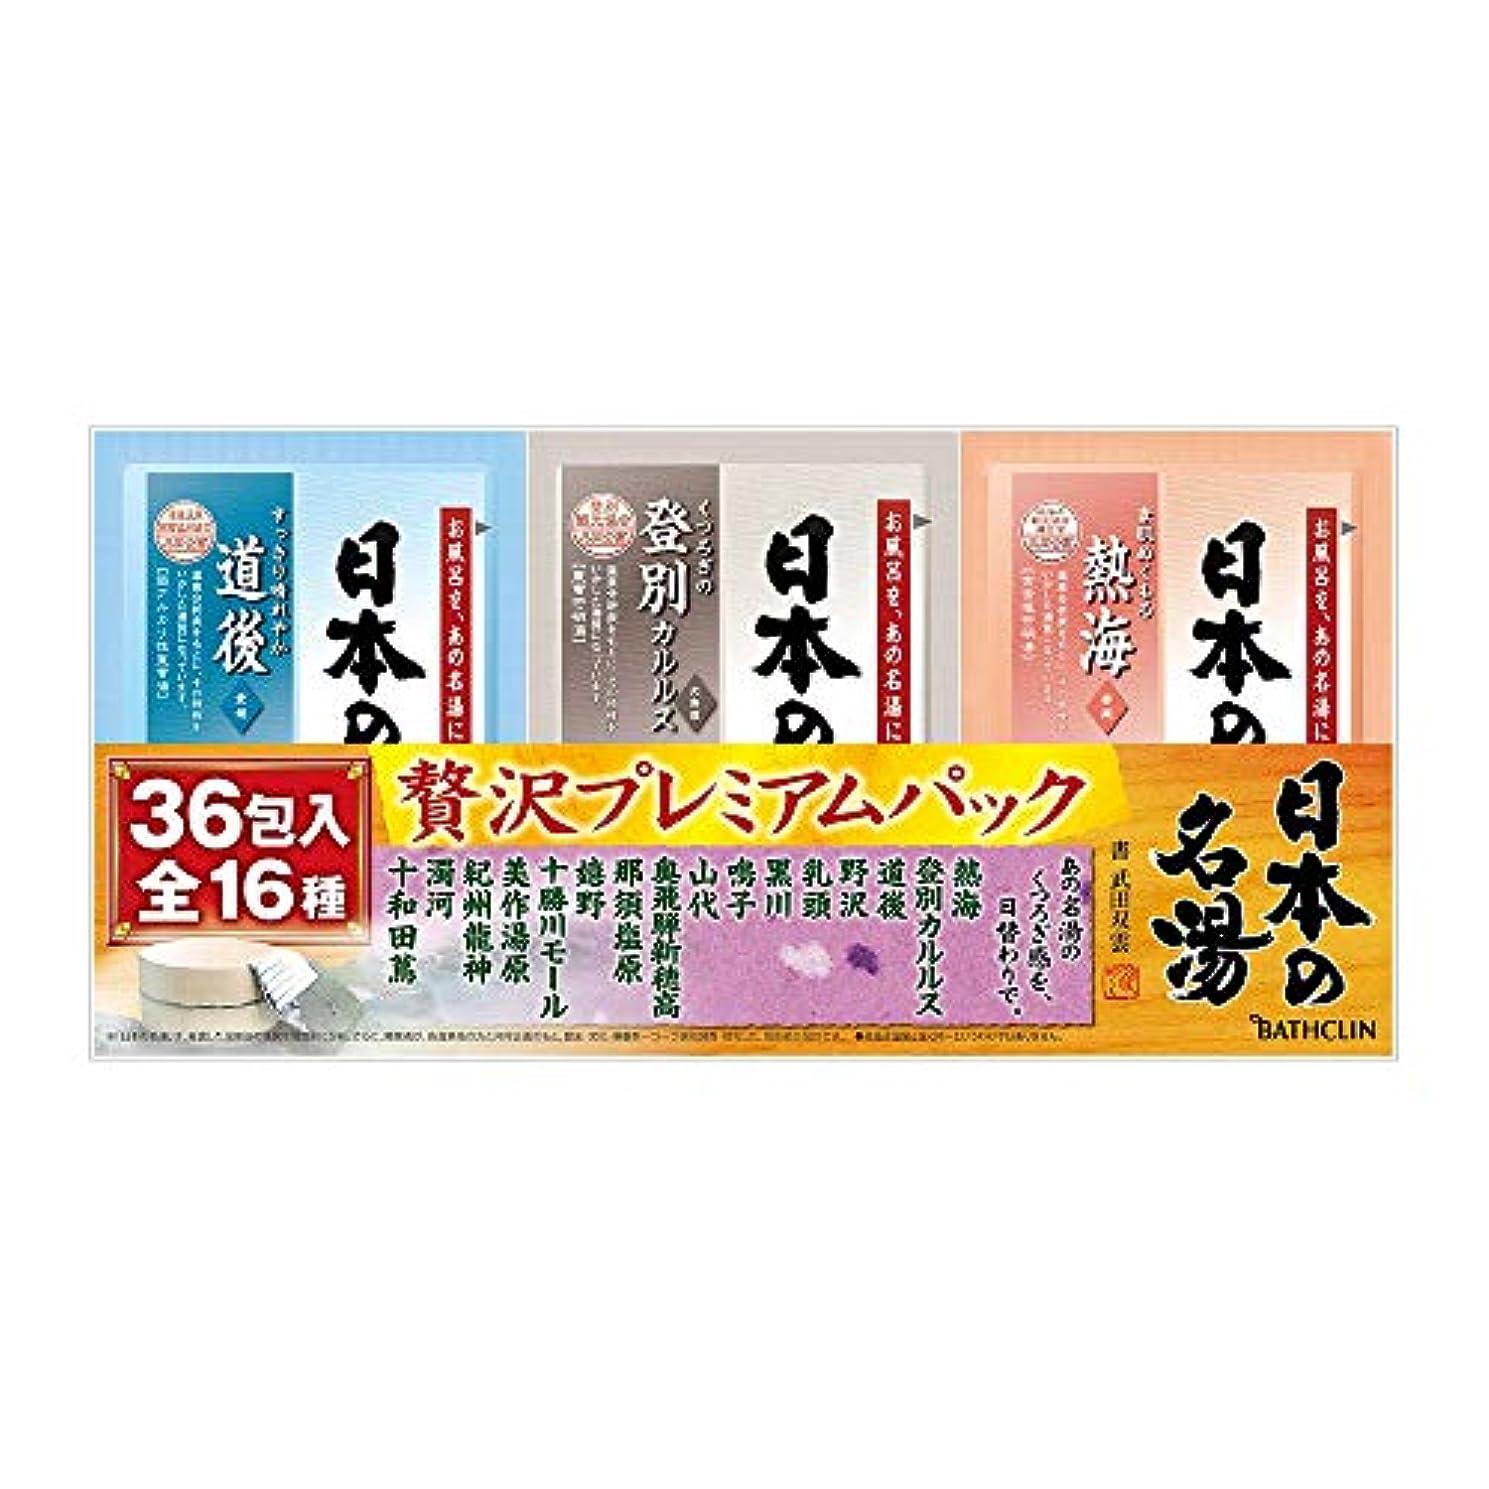 災難ギャラントリーパッド【医薬部外品/大容量】日本の名湯入浴剤 贅沢プレミアムパック36包入 個包装 詰め合わせ 温泉タイプ